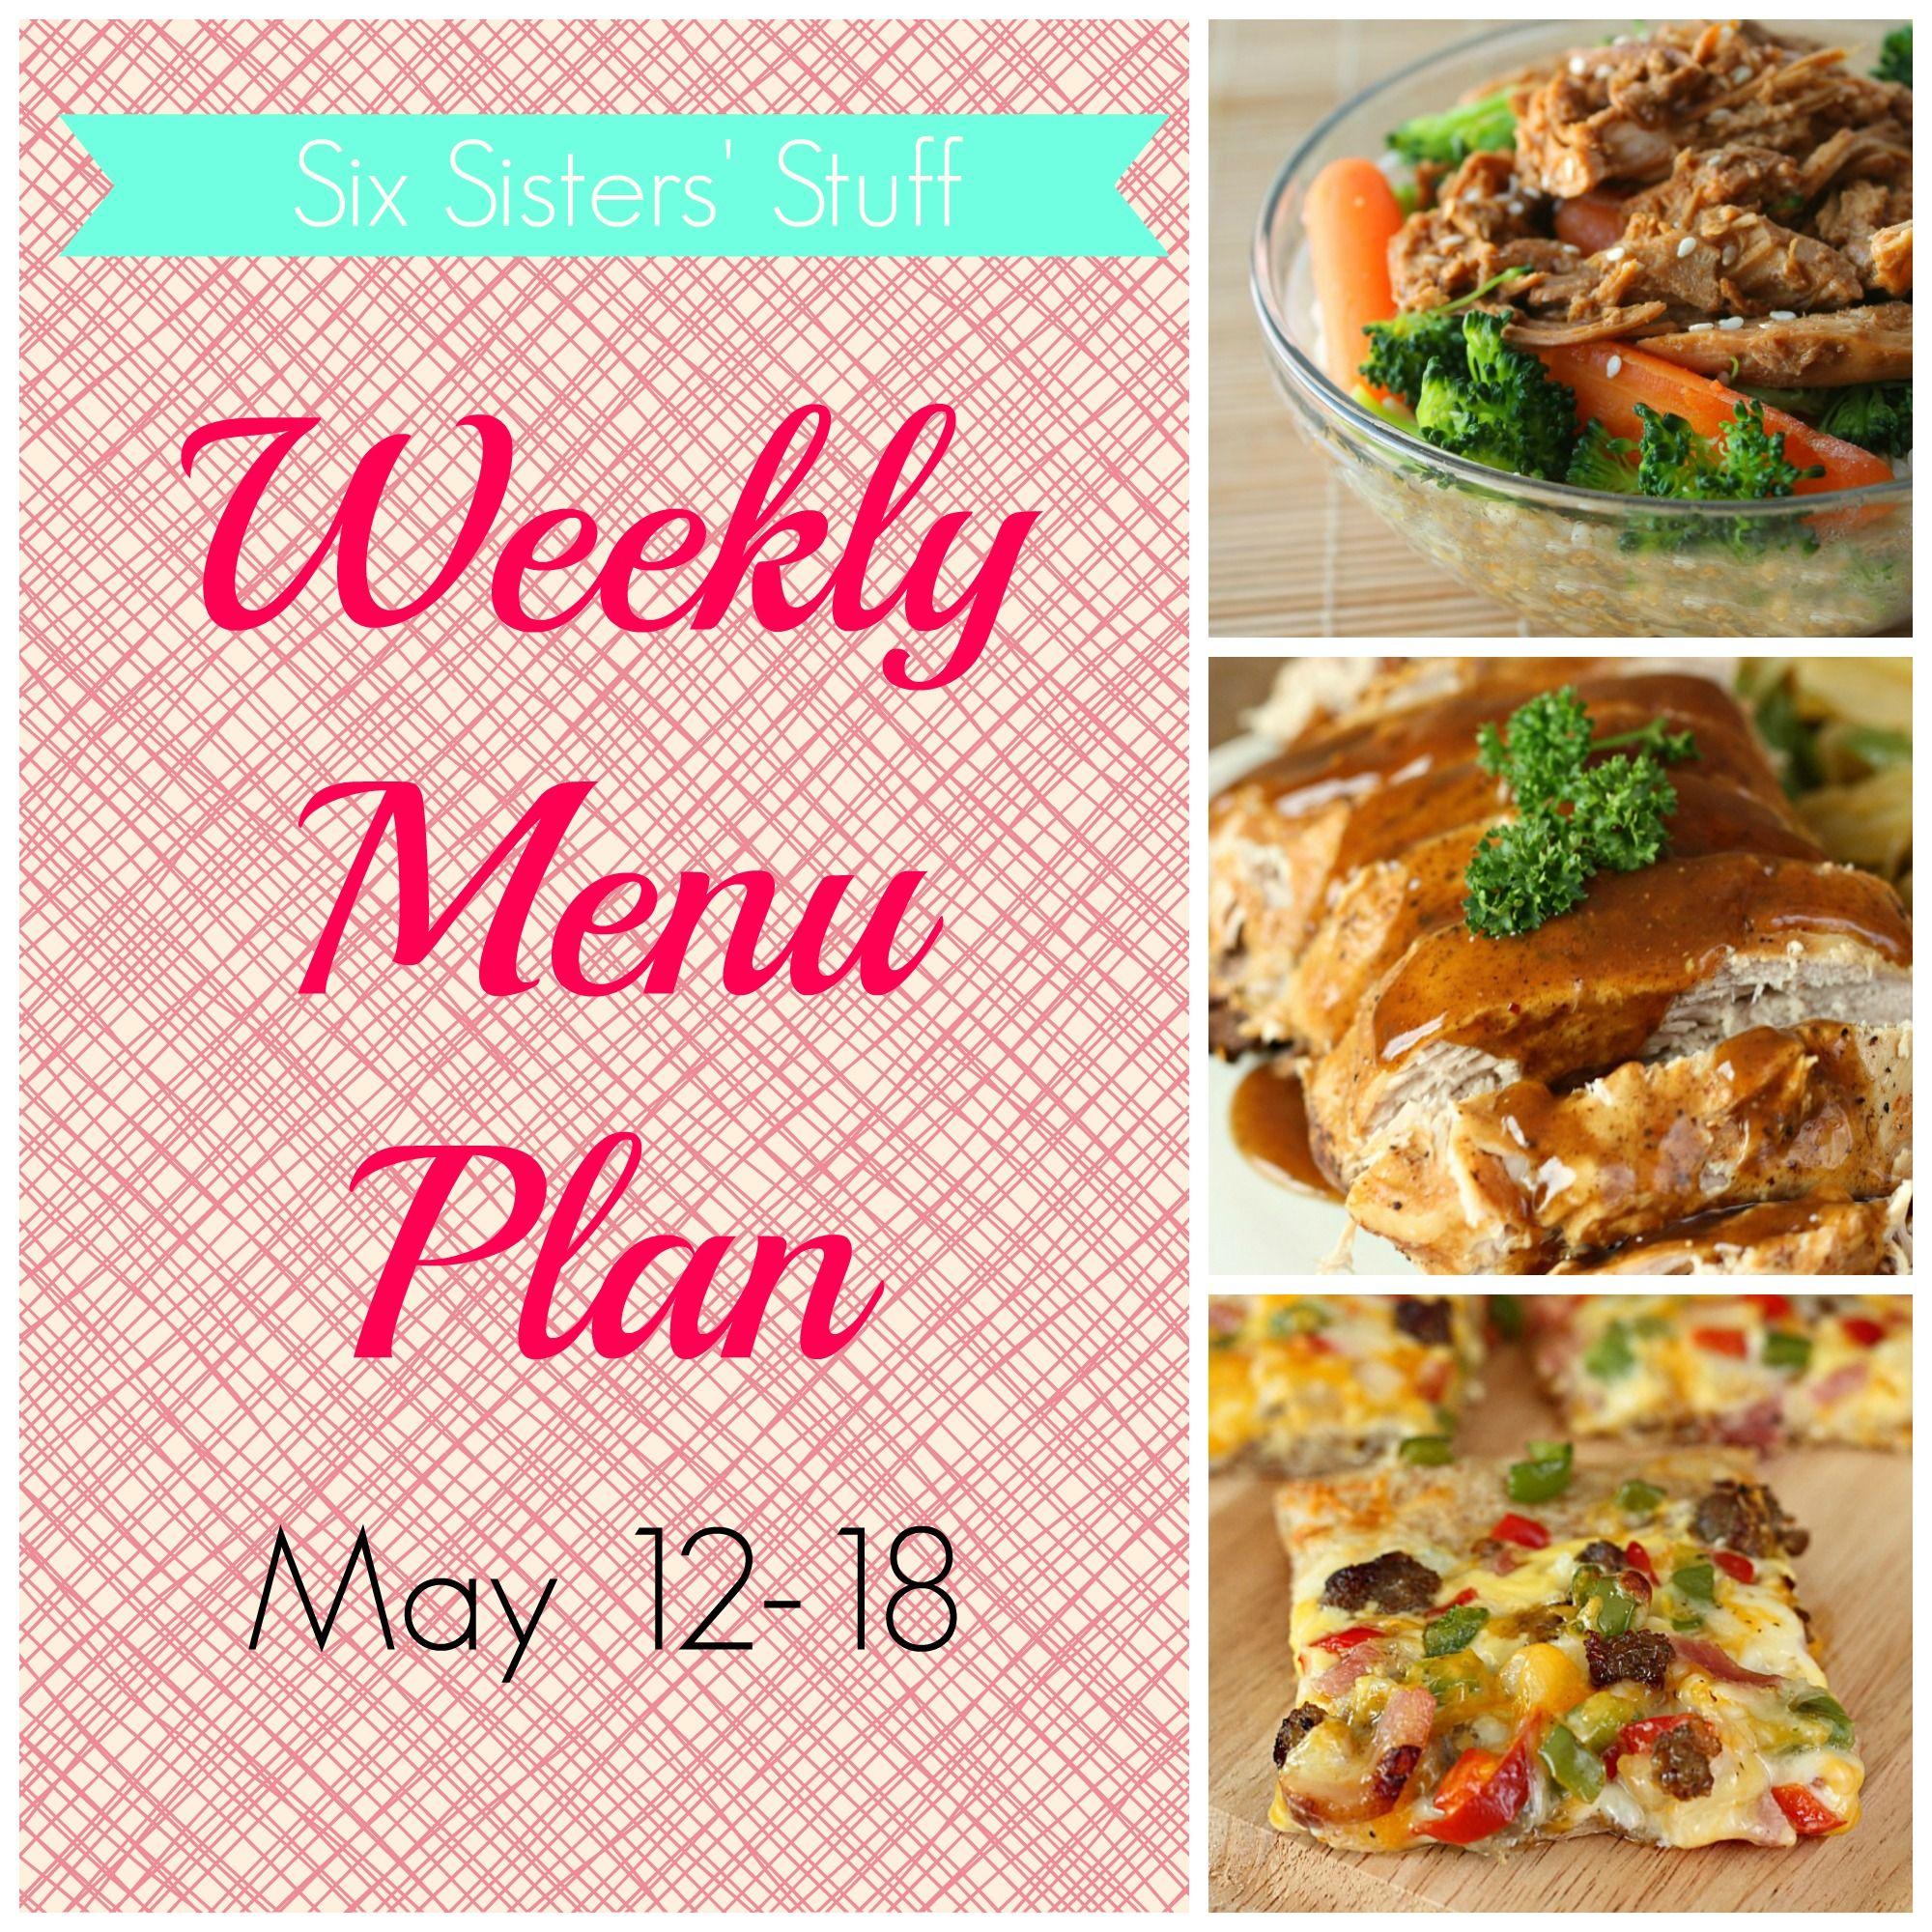 Weekly Menu Plan May 12-18